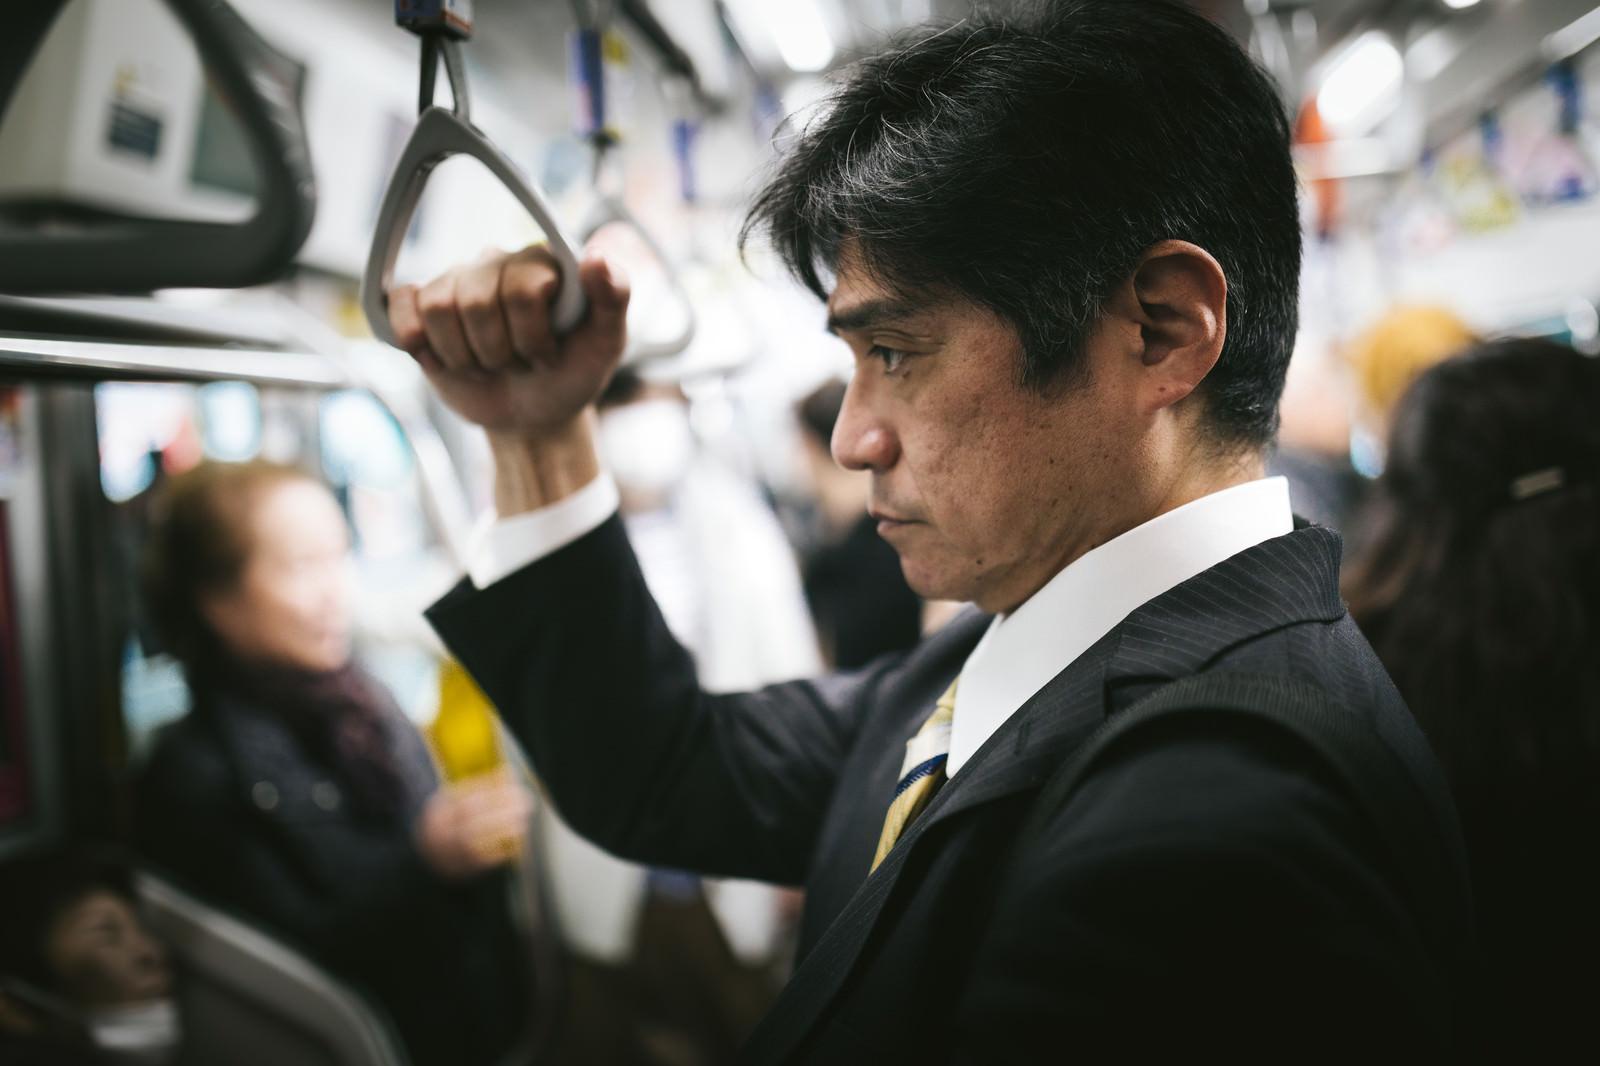 「満員電車で通勤満員電車で通勤」のフリー写真素材を拡大